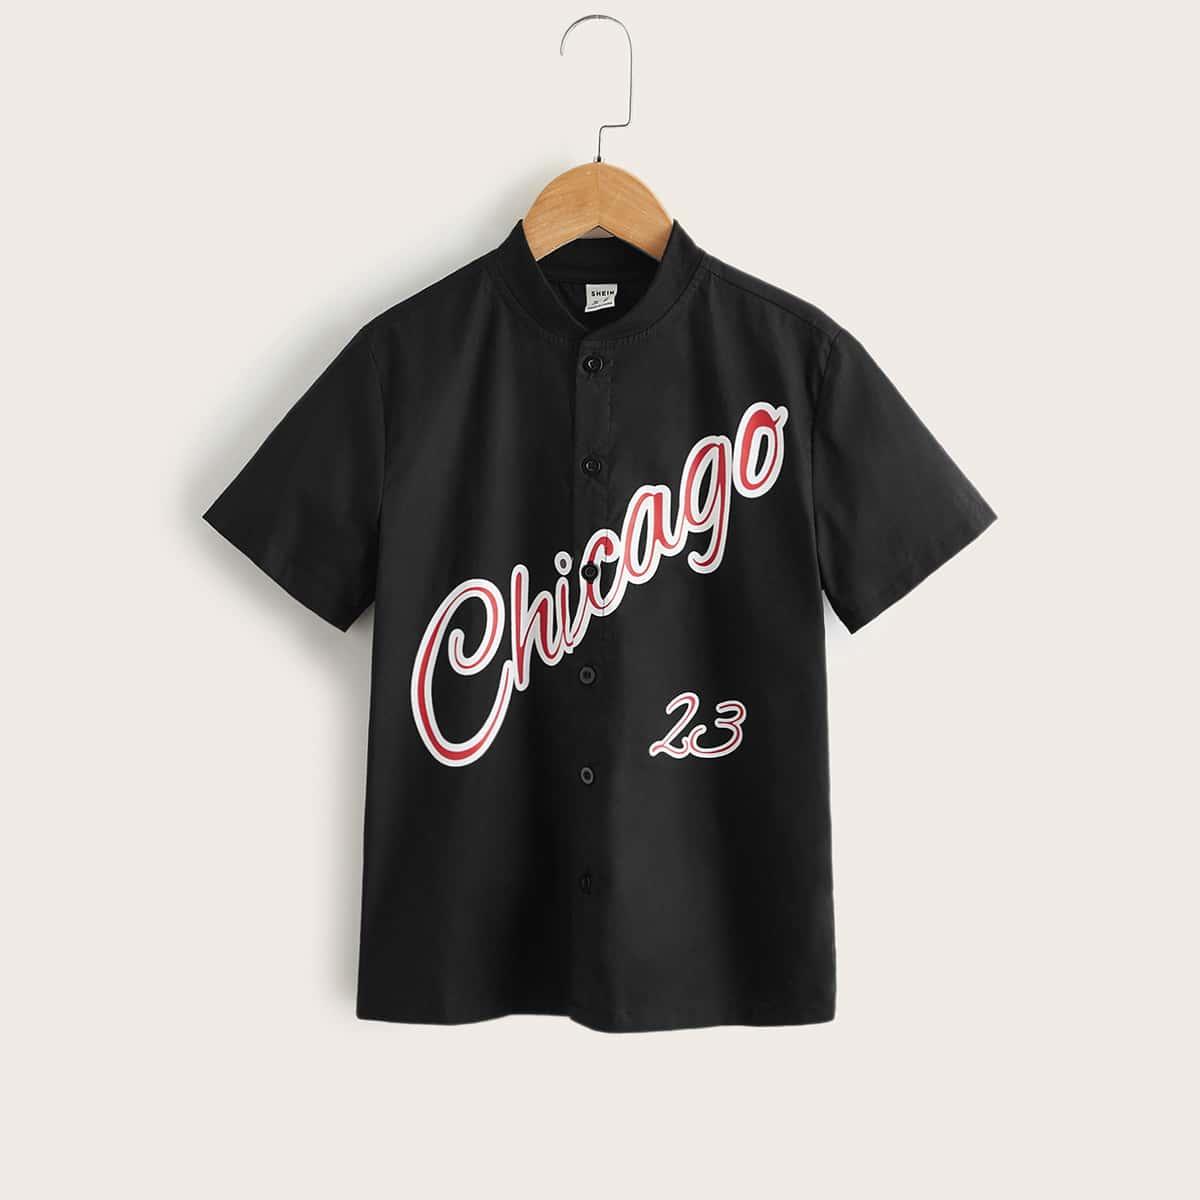 Рубашка с бейсбольным воротником и текстовым рисунком для мальчиков